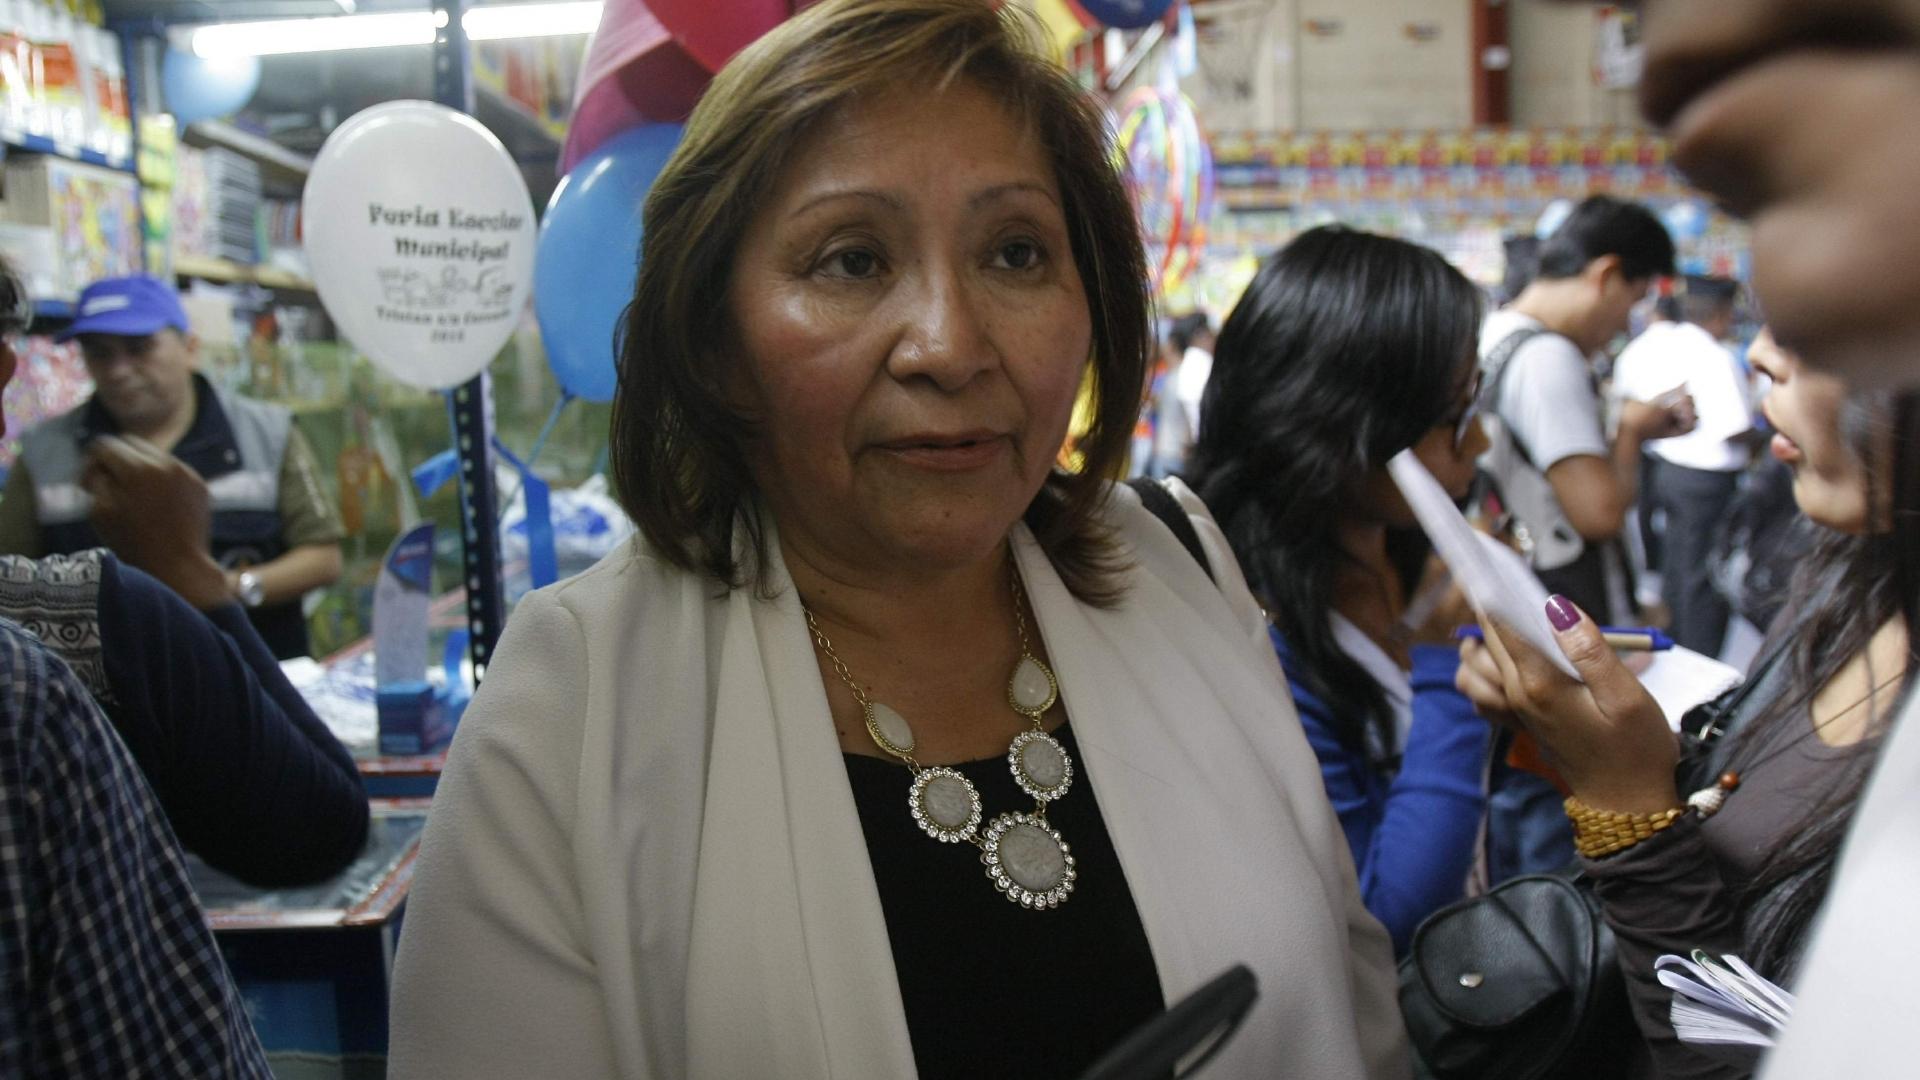 Choquehuanca: Nunca ha sido la intención del presidente cerrar el Congreso